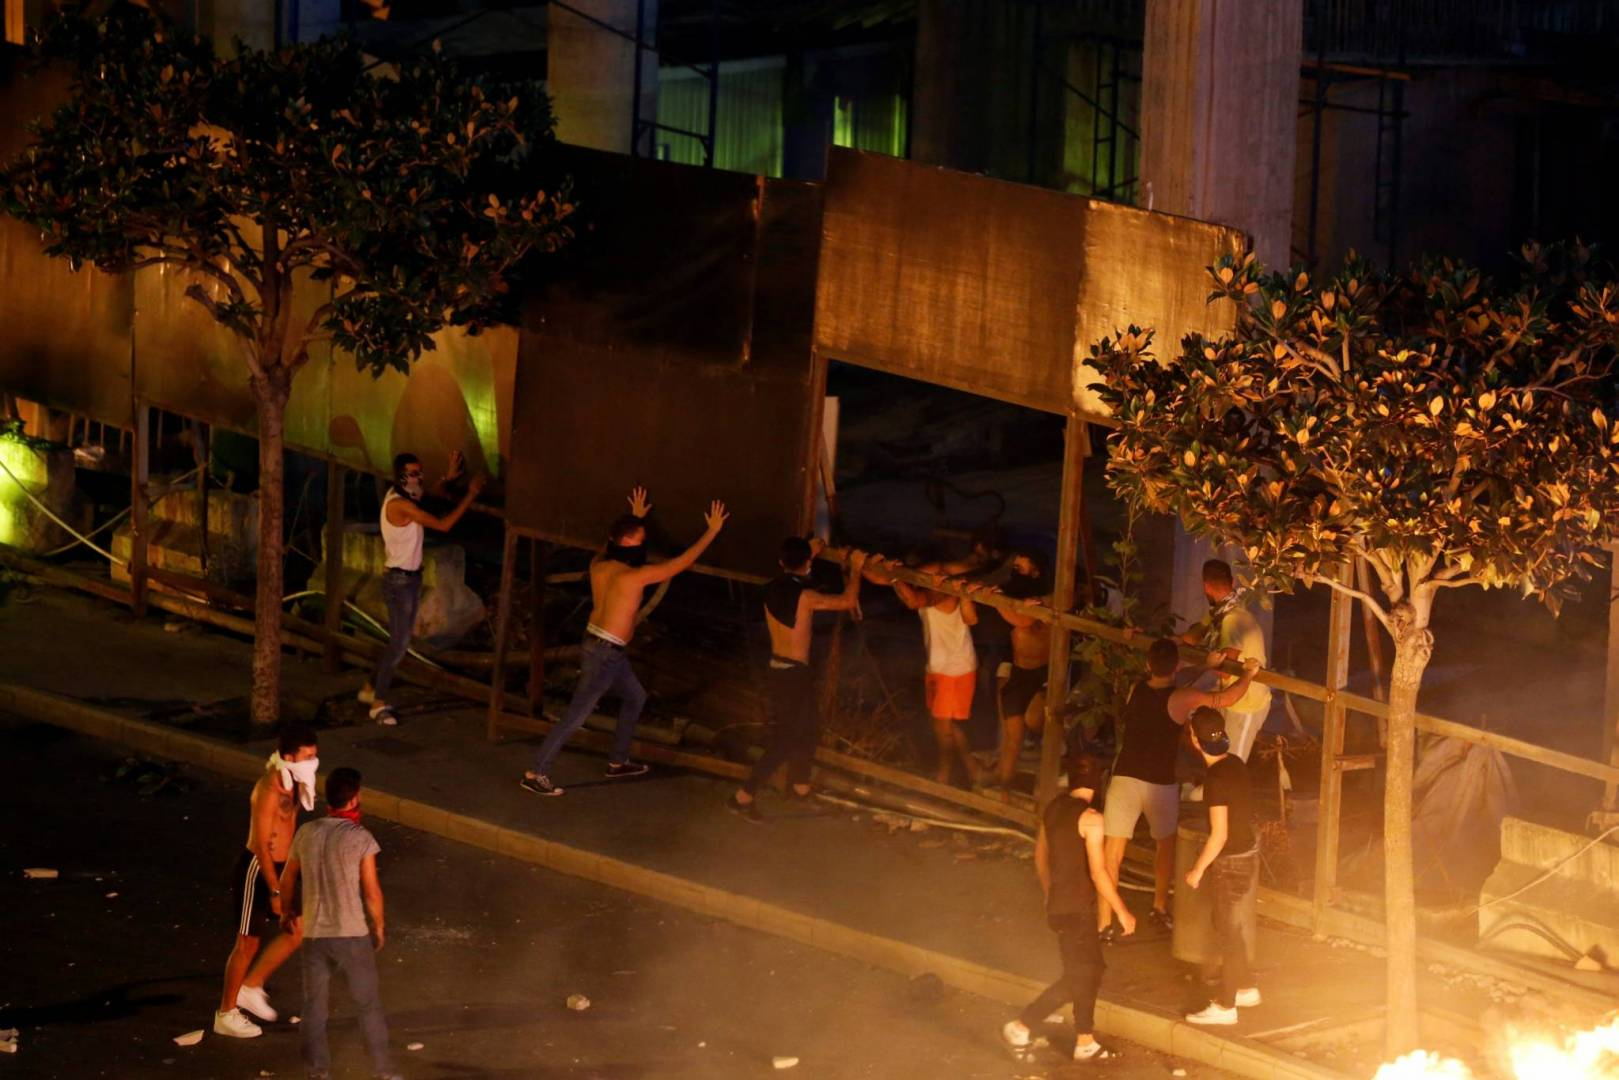 مواجهات عنيفة بين المحتجين وقوات مكافحة الشغب اللبنانية عند محيط جسر الرينغ في بيروت